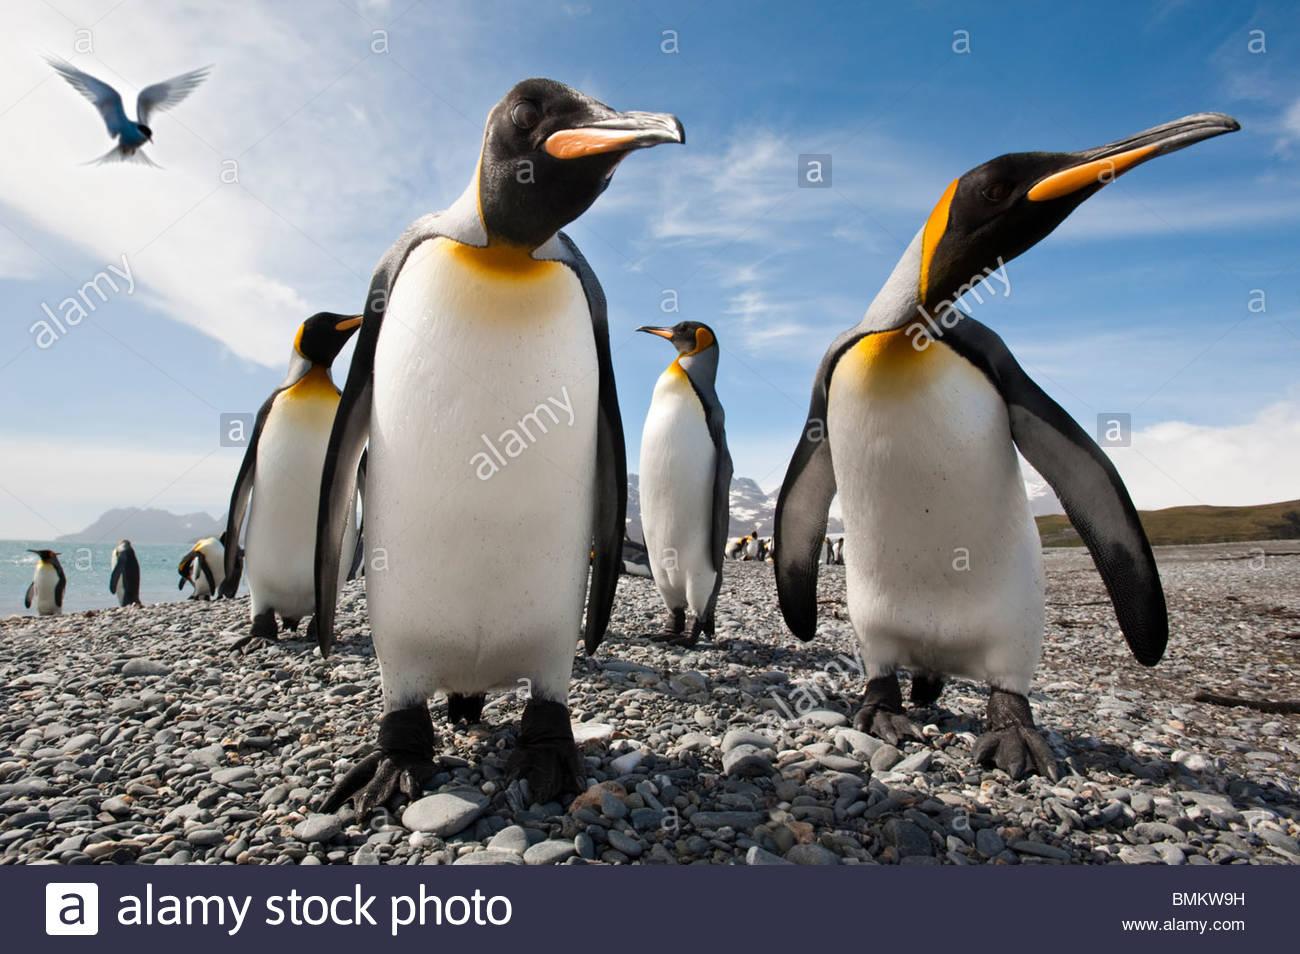 Re pinguini sulla spiaggia a Salisbury Plain, con Antartico Tern in bilico. Georgia del sud, sud Atlantico. Immagini Stock